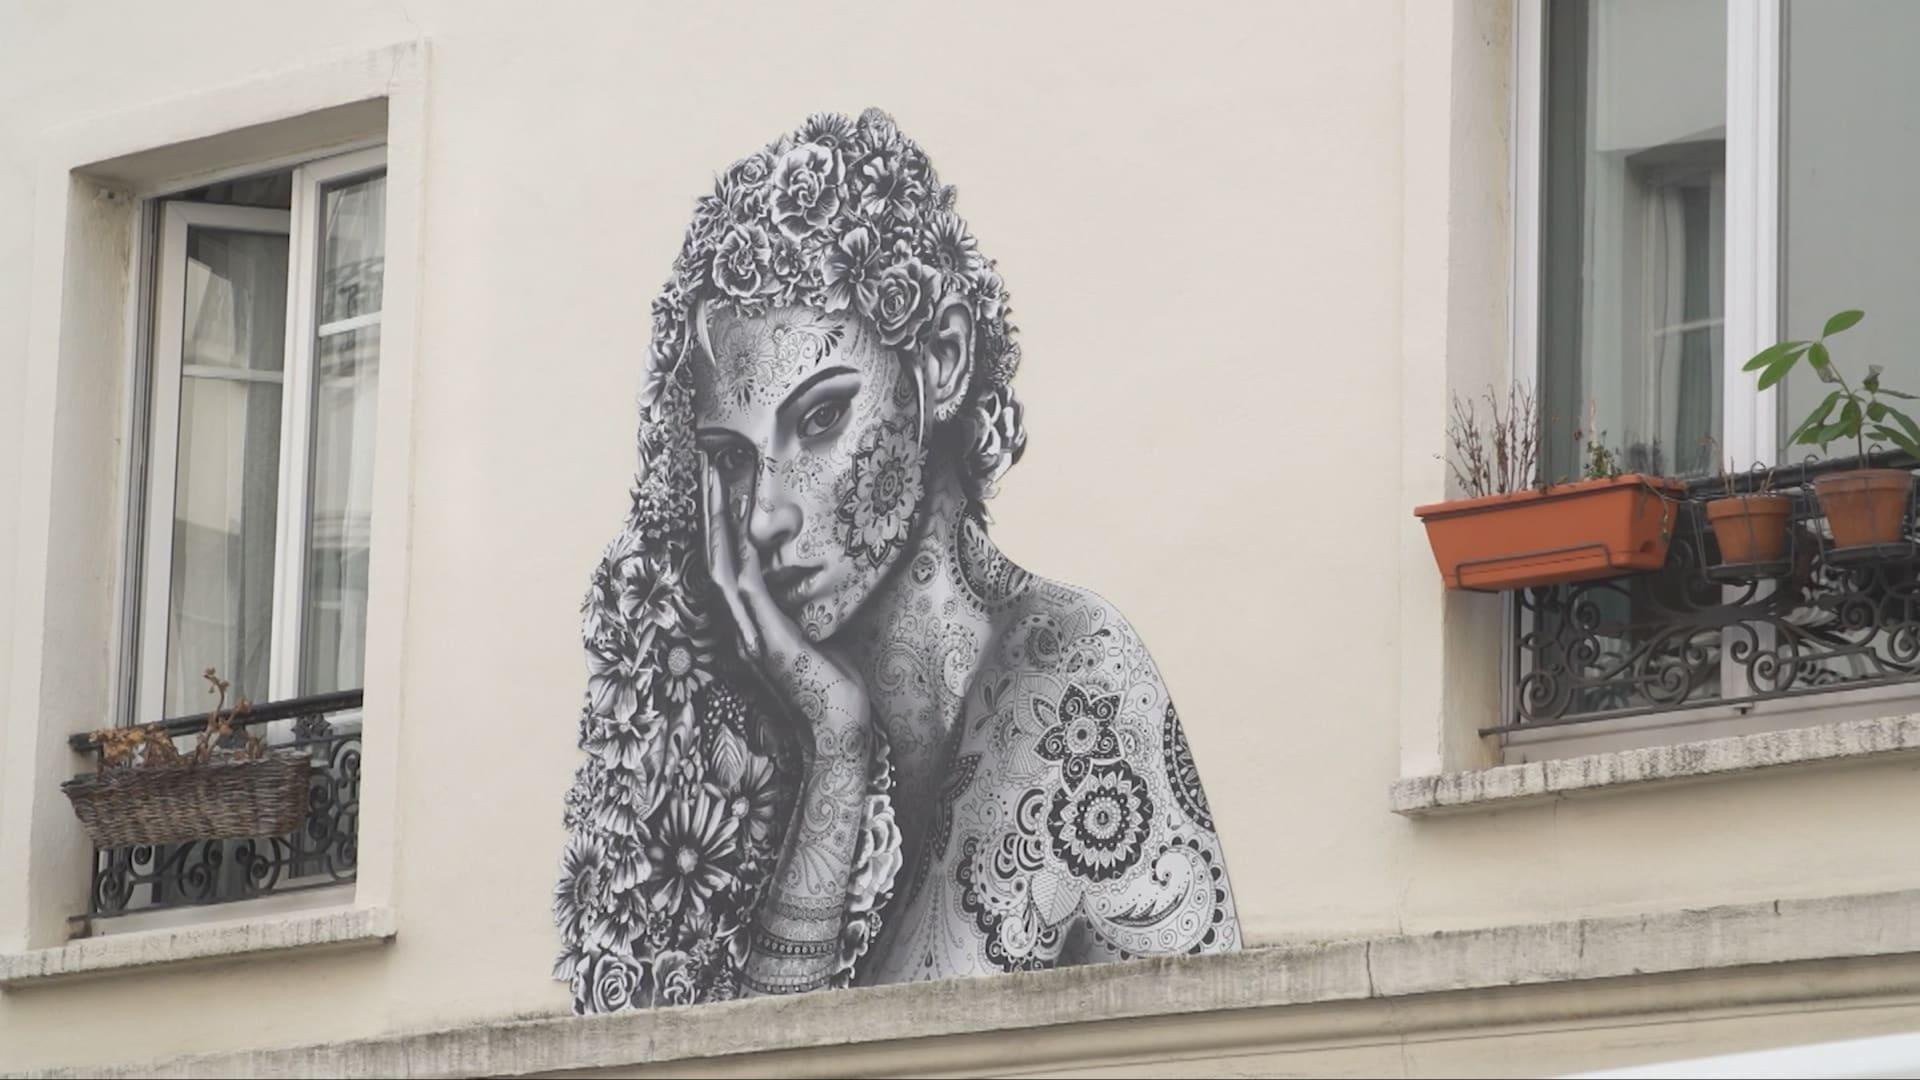 بمناسبة اليوم العالمي للمرأة.. النساء يستعدن شوارع باريس بفن يحتفي بأجسادهن وحقوقهن